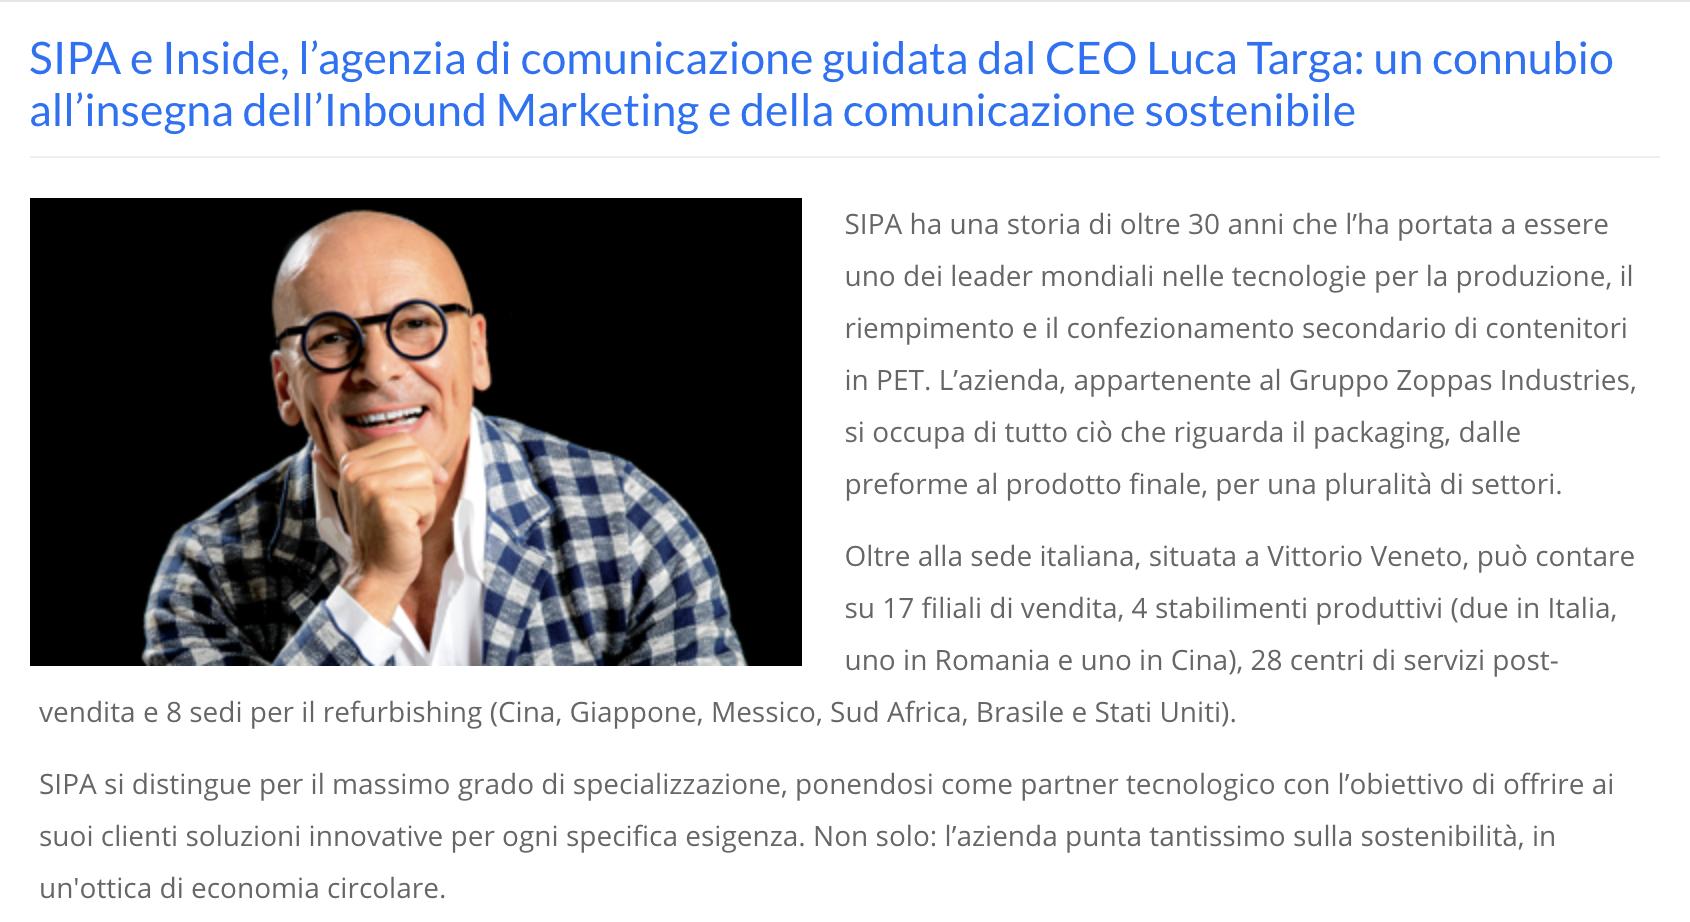 SIPA e Inside, l'agenzia di comunicazione guidata dal CEO Luca Targa: un connubio all'insegna dell'Inbound Marketing e della comunicazione sostenibile